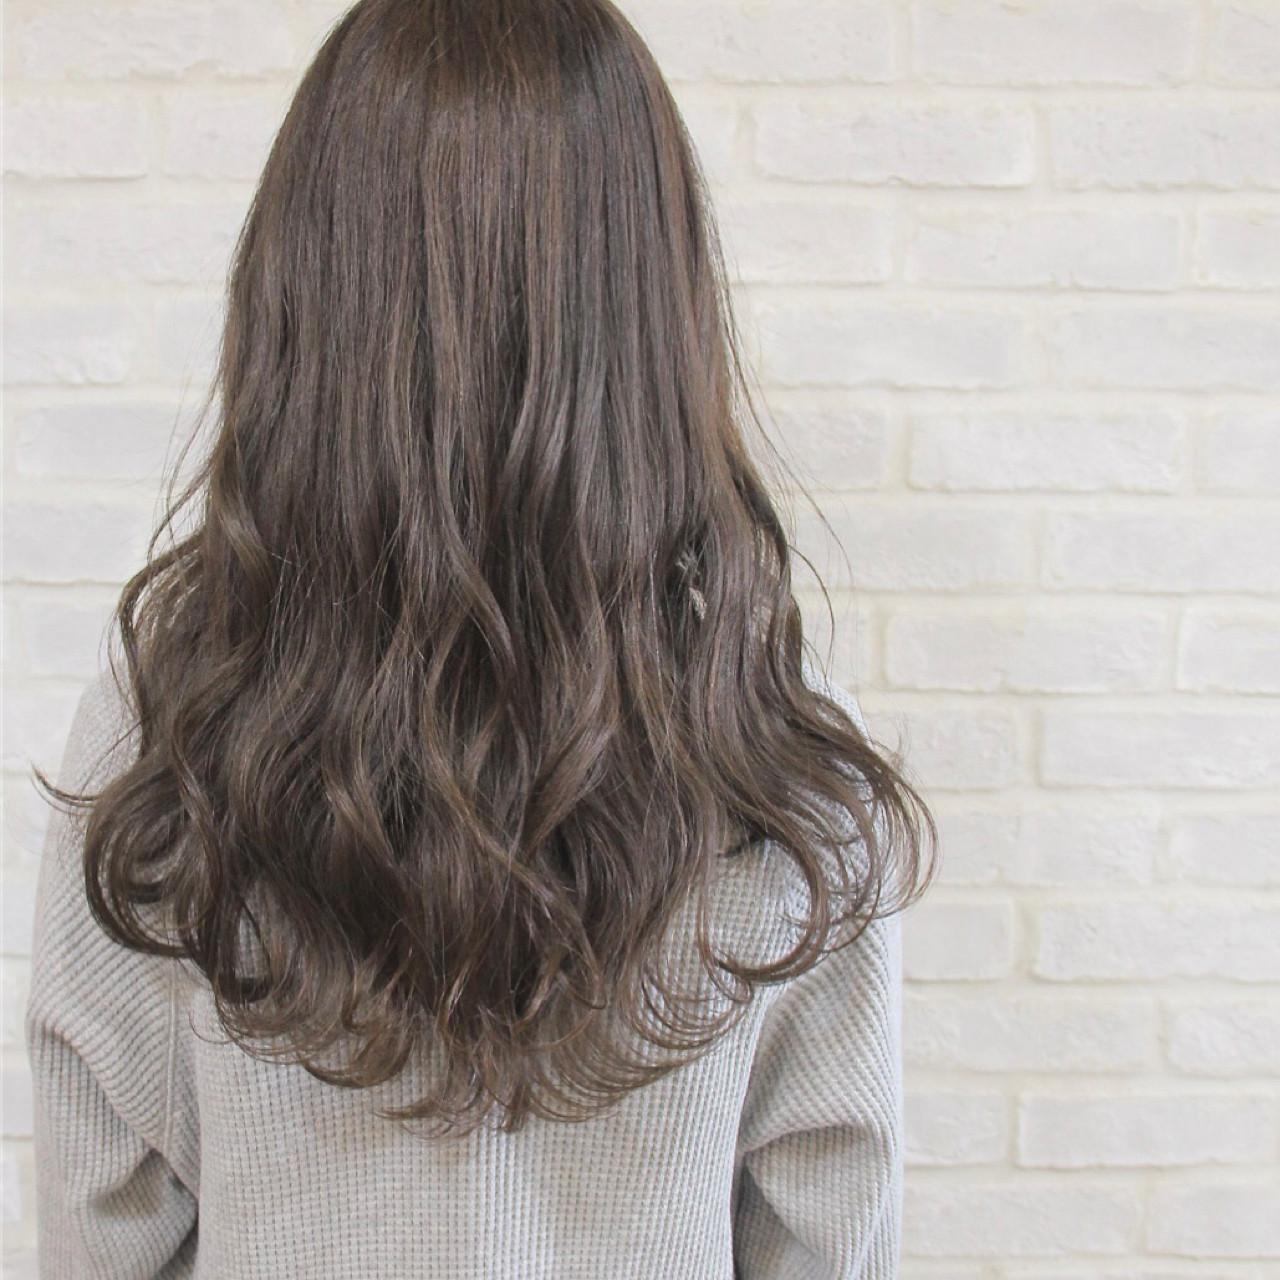 グレージュ セミロング ミルクティー ニュアンスヘアスタイルや髪型の写真・画像